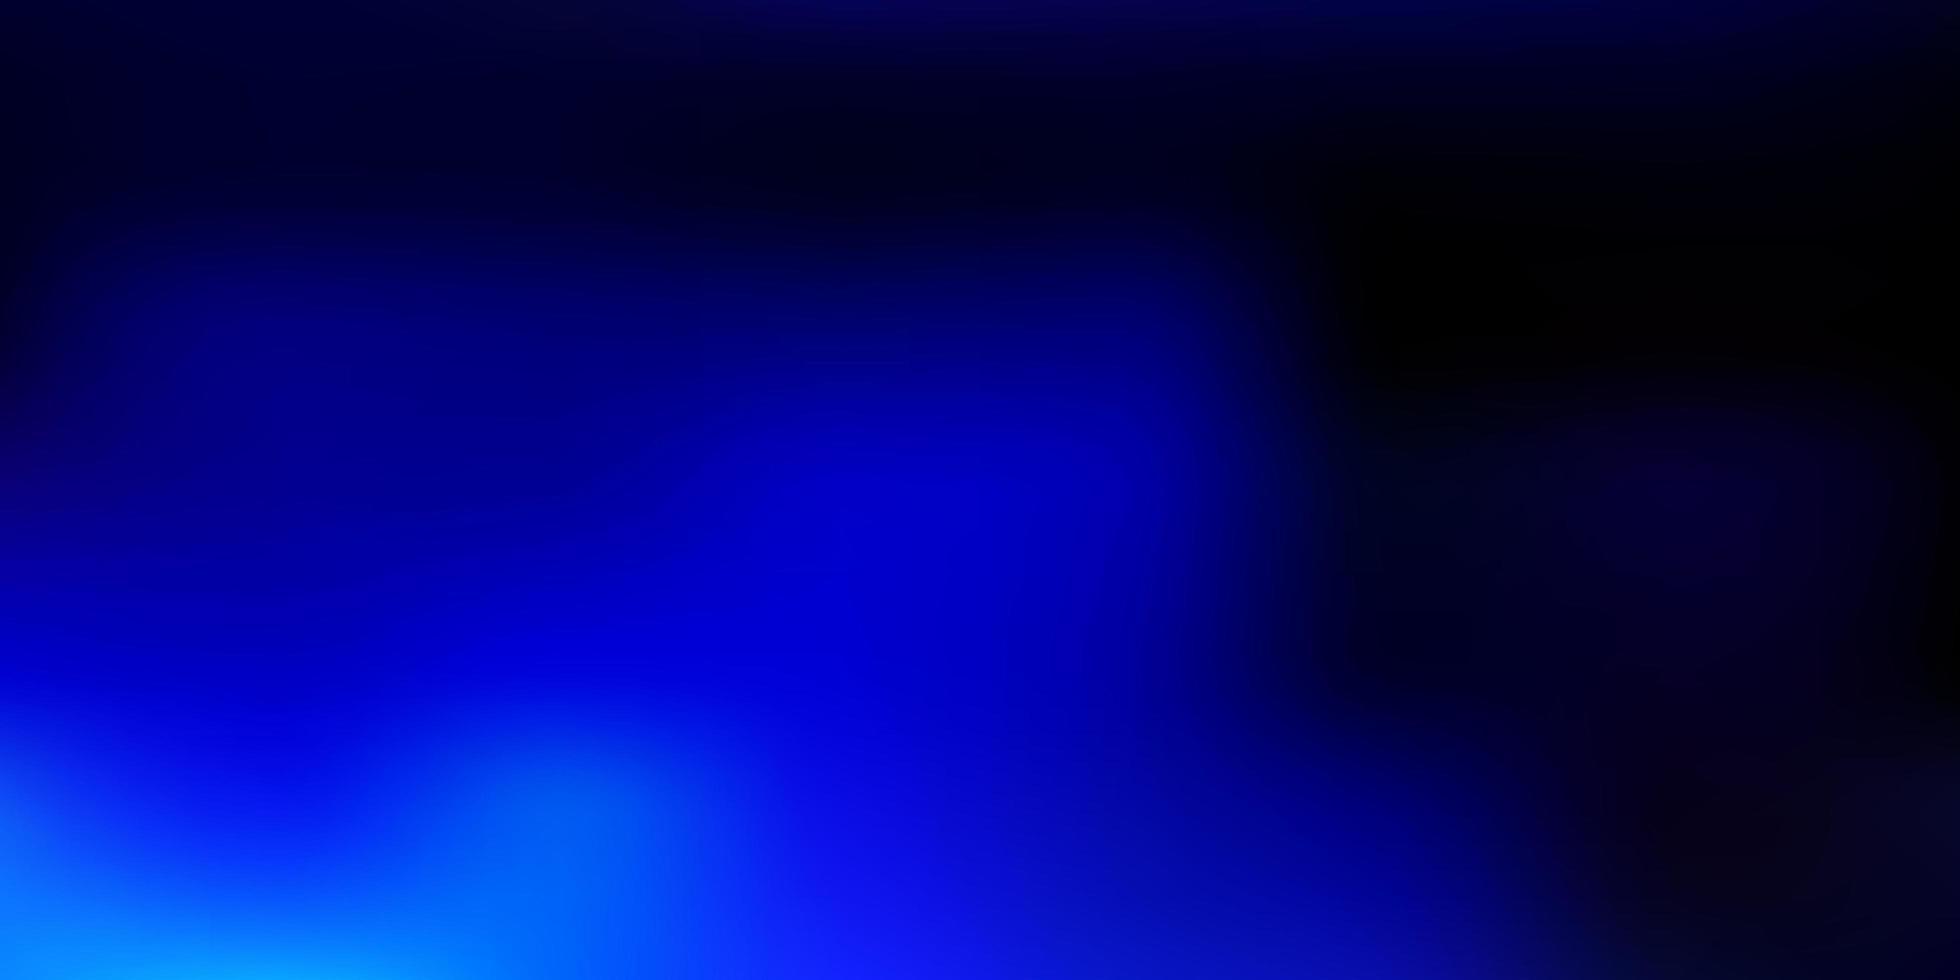 Fondo de desenfoque degradado azul oscuro. vector